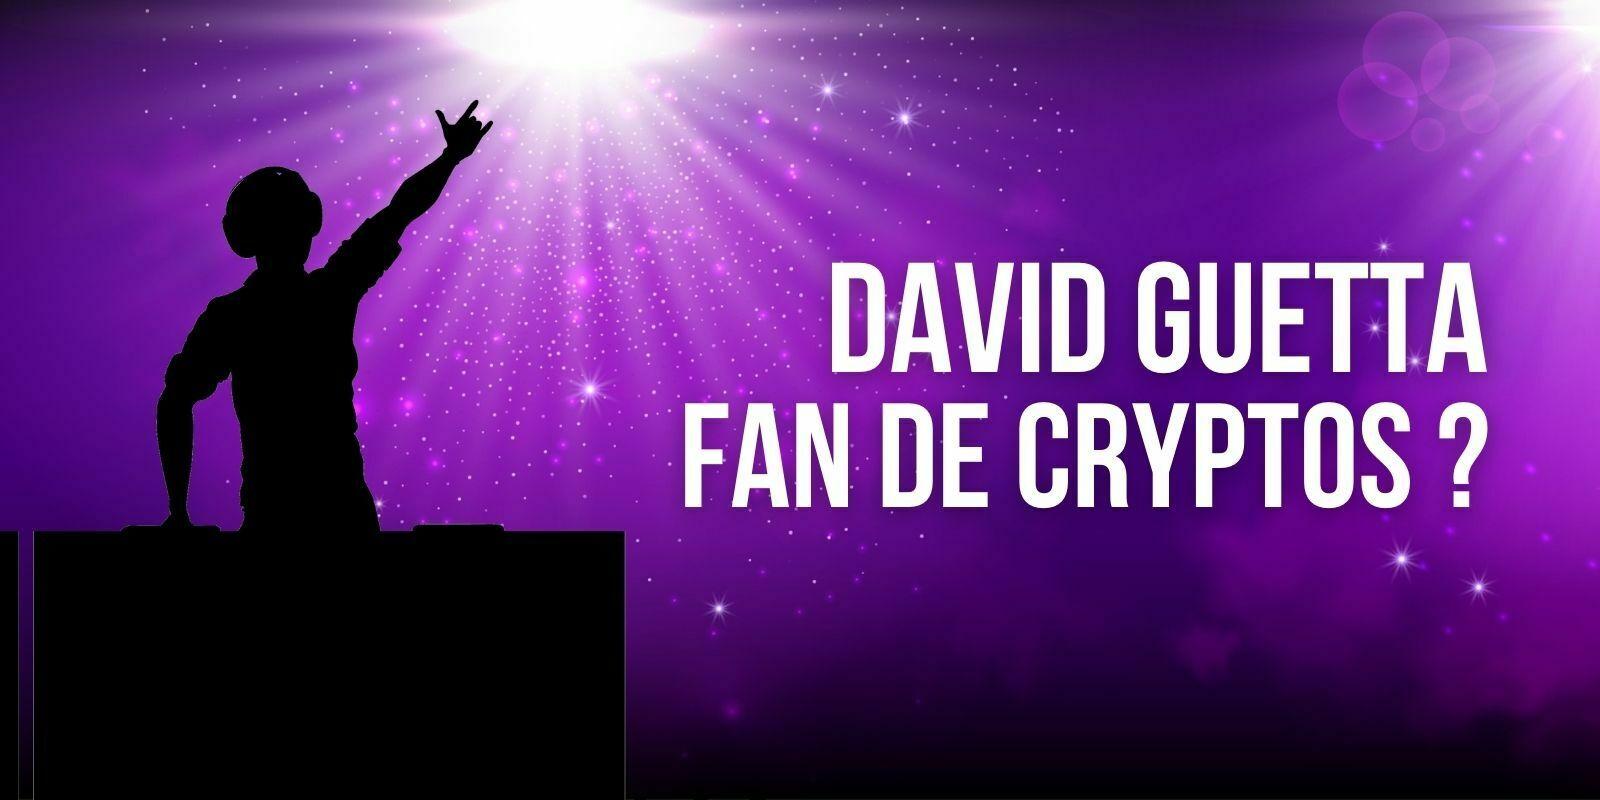 David Guetta vend son appartement de Miami – Les cryptomonnaies sont acceptées